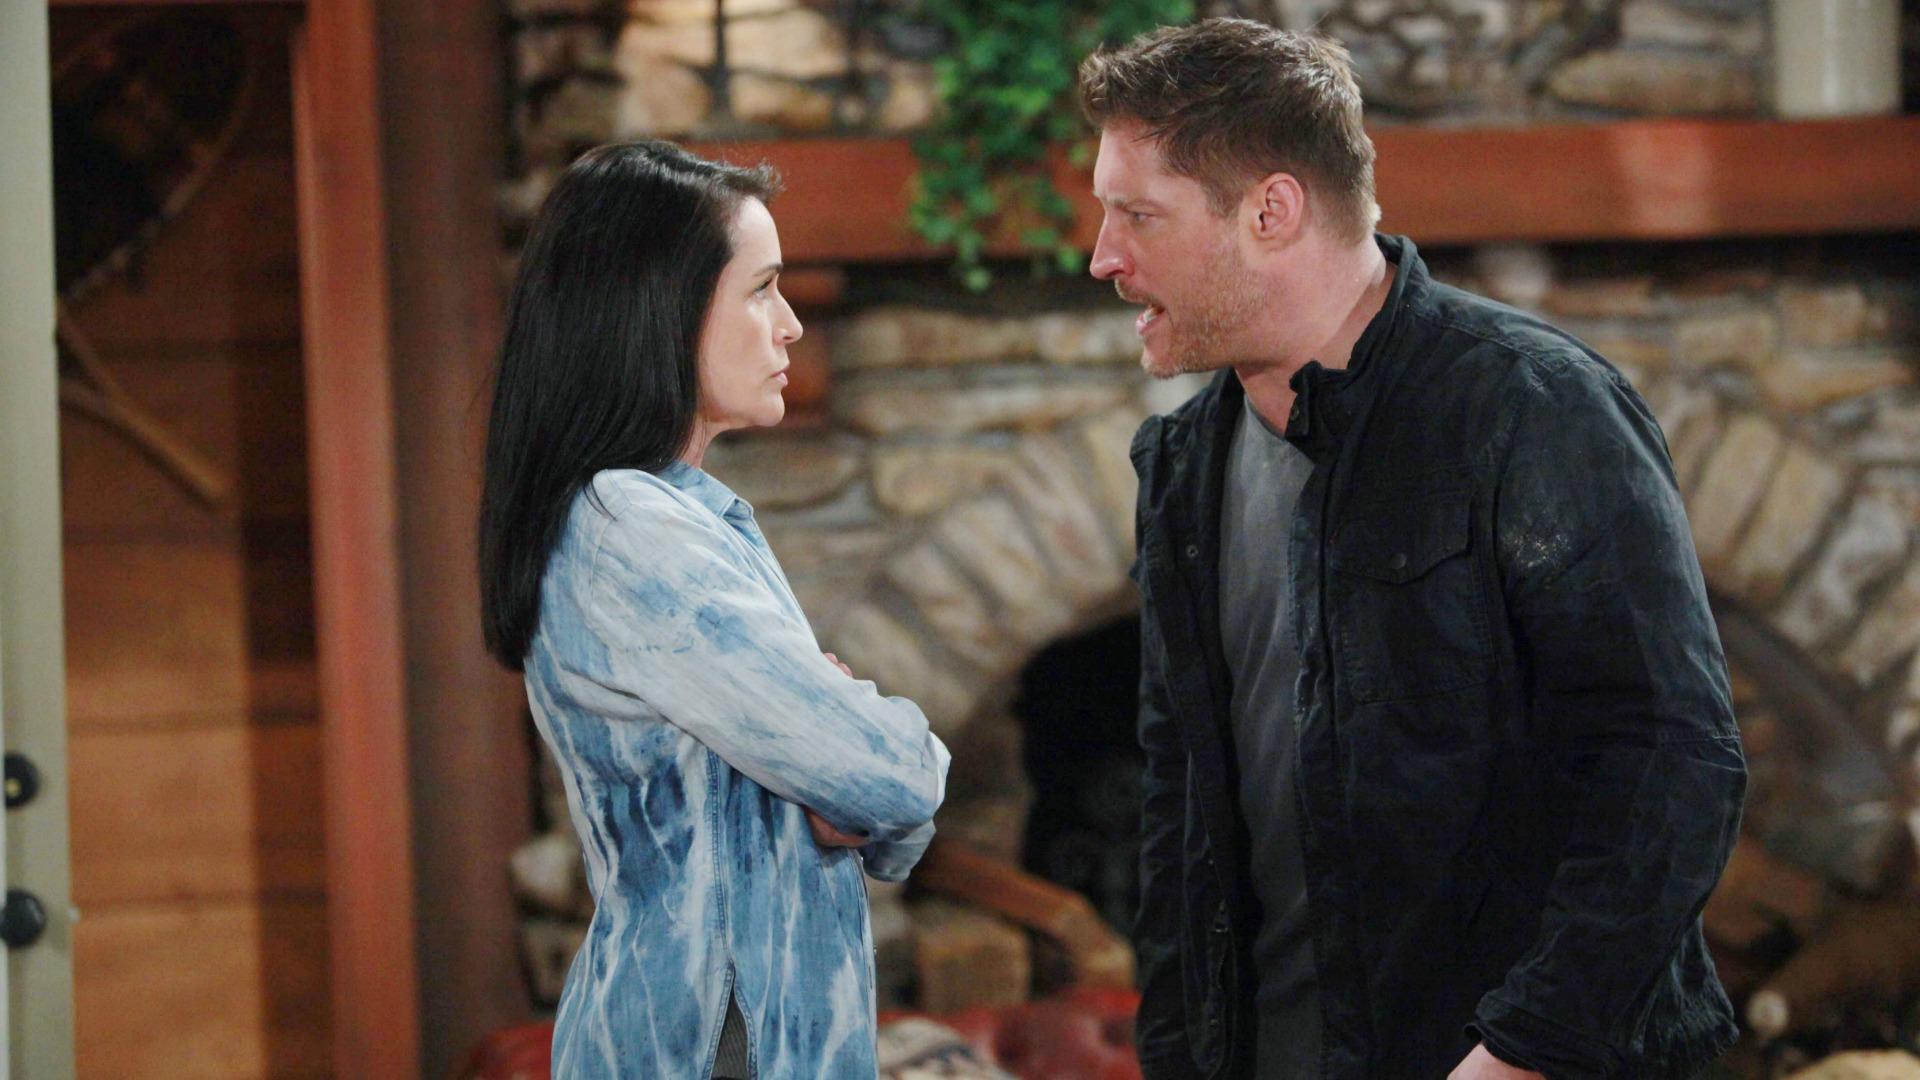 Deacon warns Quinn of the terror to come.